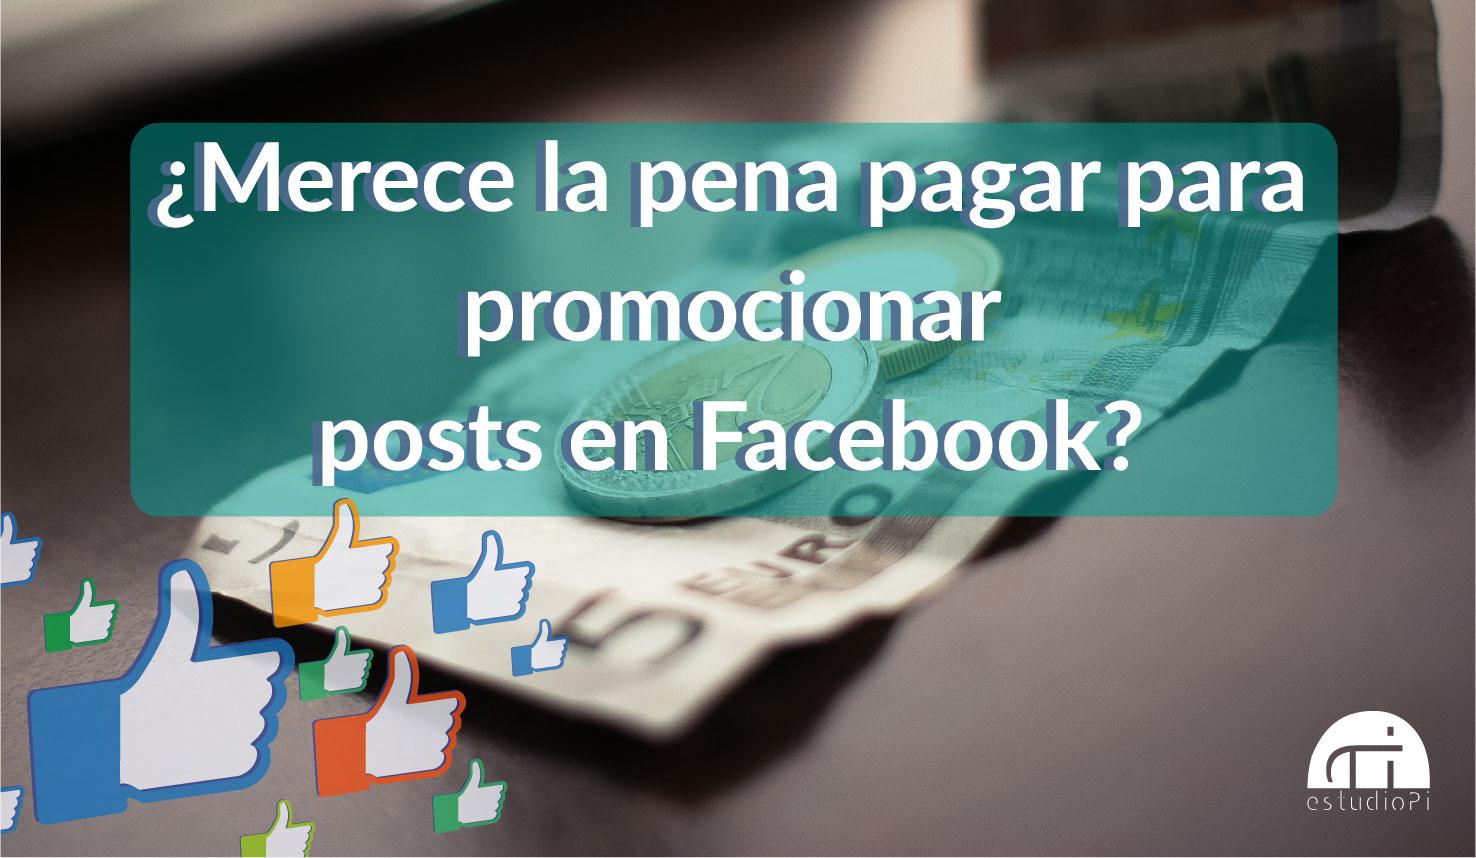 pagar-facebook-estudio-pi-consejos-6